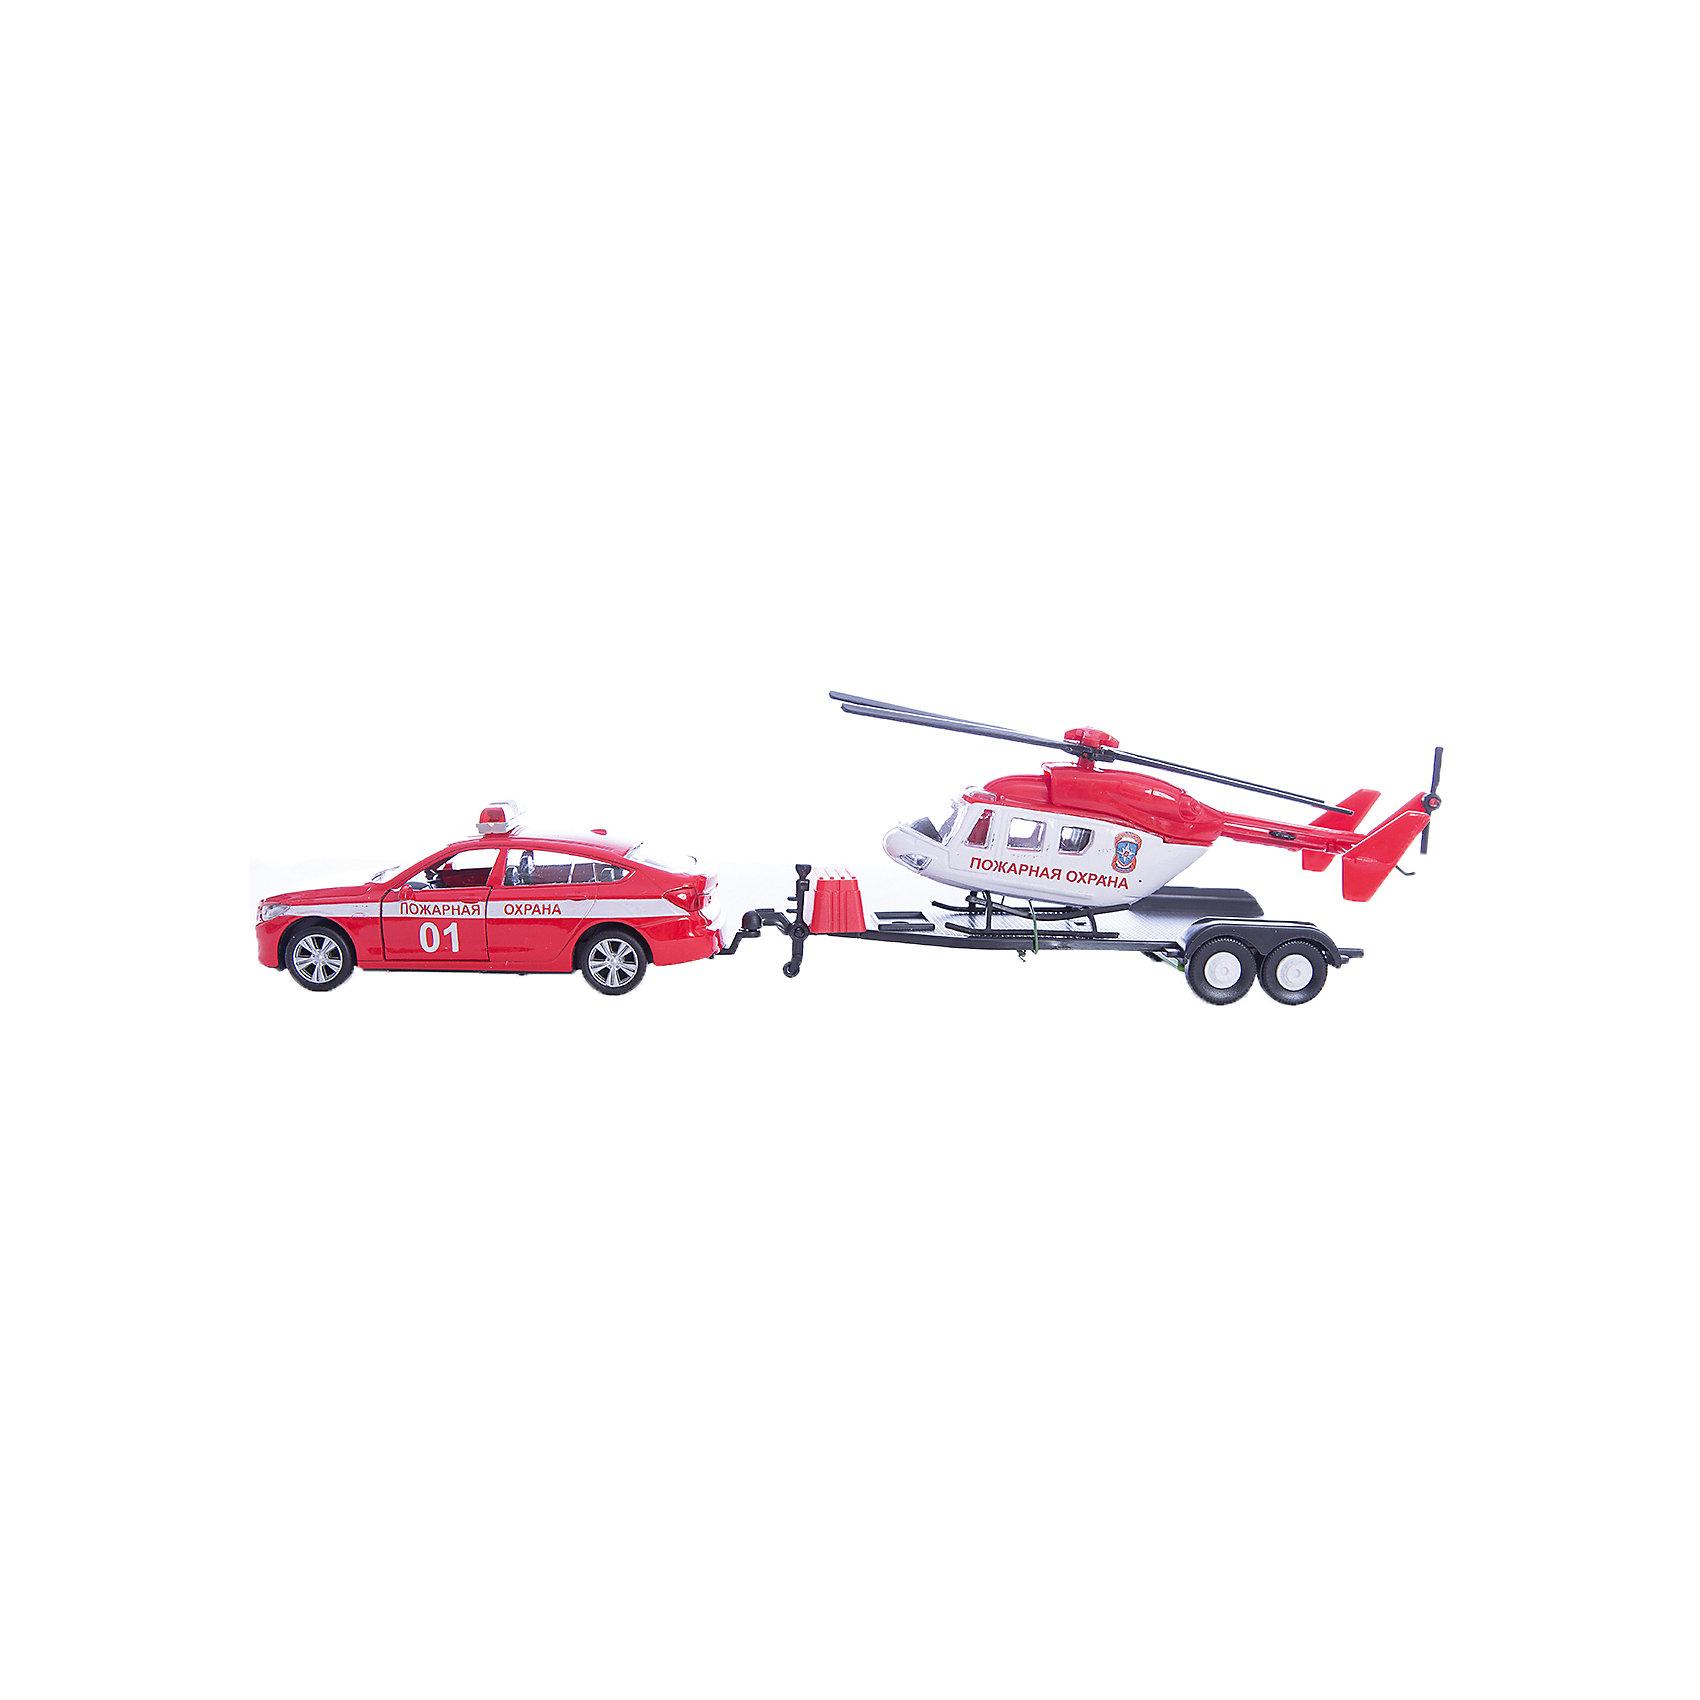 Машинка Bavaria Gran Turismo с вертолётом, МЧС 1:36, AutotimeМашинки<br>Характеристики товара:<br><br>• цвет: красный<br>• возраст: от 3 лет<br>• материал: металл, пластик<br>• масштаб: 1:36<br>• вертолет в комплекте<br>• инерционная<br>• крутятся колеса<br>• открываются двери<br>• размер упаковки: 31х7х7 см<br>• вес с упаковкой: 200 г<br>• страна бренда: Россия, Китай<br>• страна изготовитель: Китай<br><br>Такая машинка представляет собой миниатюрную копию реально существующей модели. Она отличается высокой детализацией, является коллекционной моделью. <br><br>Машинка произведена из прочного и безопасного материала. Модель с вертолетом.<br><br>Машинку «Bavaria Gran Turismo» с вертолётом, МЧС 1:36, Autotime (Автотайм) можно купить в нашем интернет-магазине.<br><br>Ширина мм: 90<br>Глубина мм: 42<br>Высота мм: 40<br>Вес г: 15<br>Возраст от месяцев: 36<br>Возраст до месяцев: 2147483647<br>Пол: Мужской<br>Возраст: Детский<br>SKU: 5584079